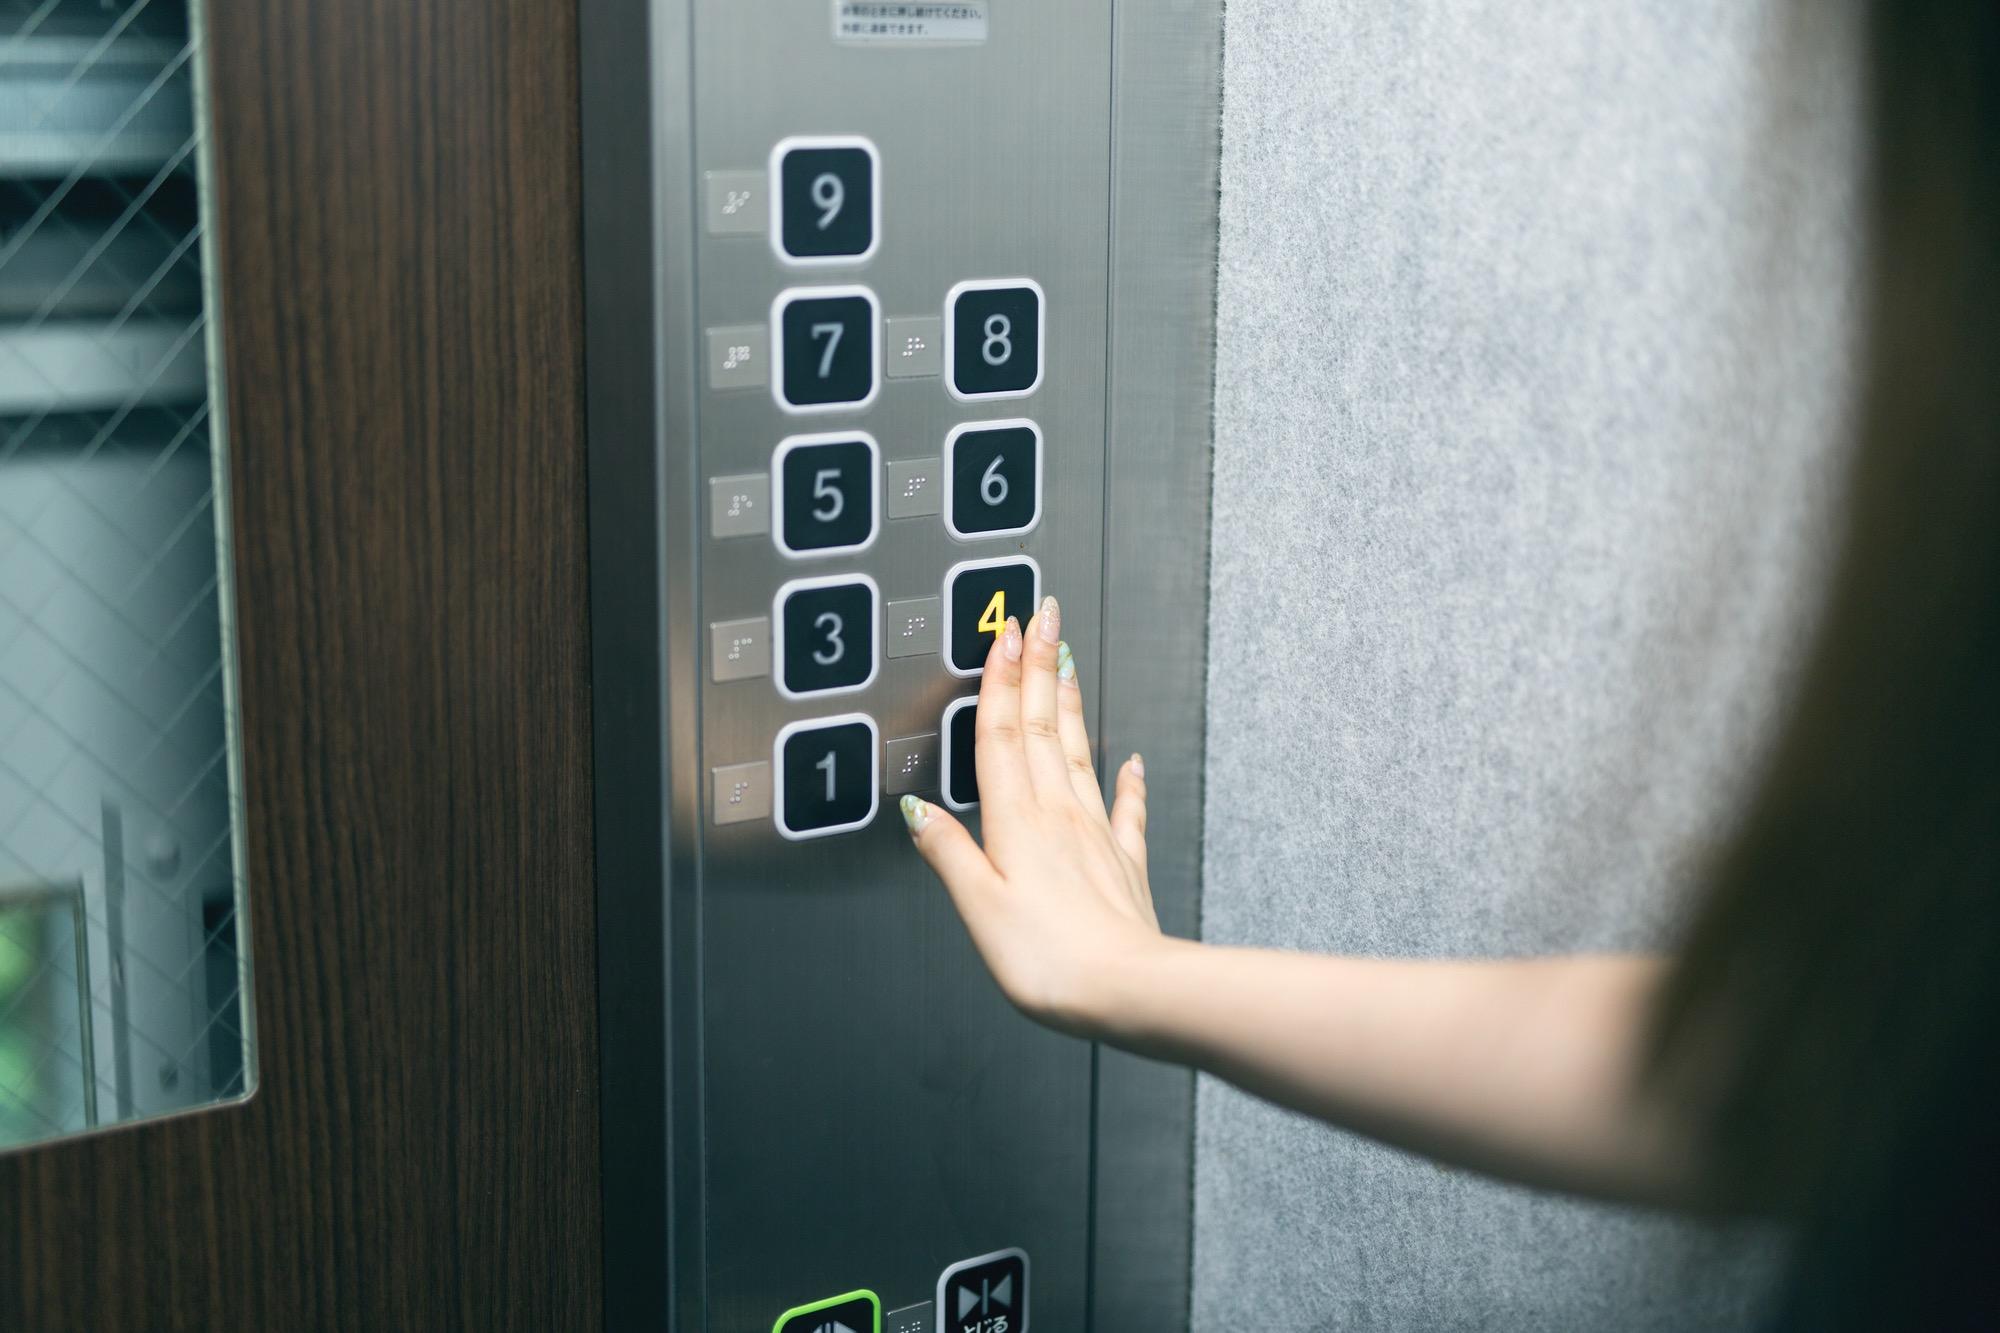 エレベーターの待ち時間は1分以内が限界!? 身のまわりのモノの技術(3)【連載】